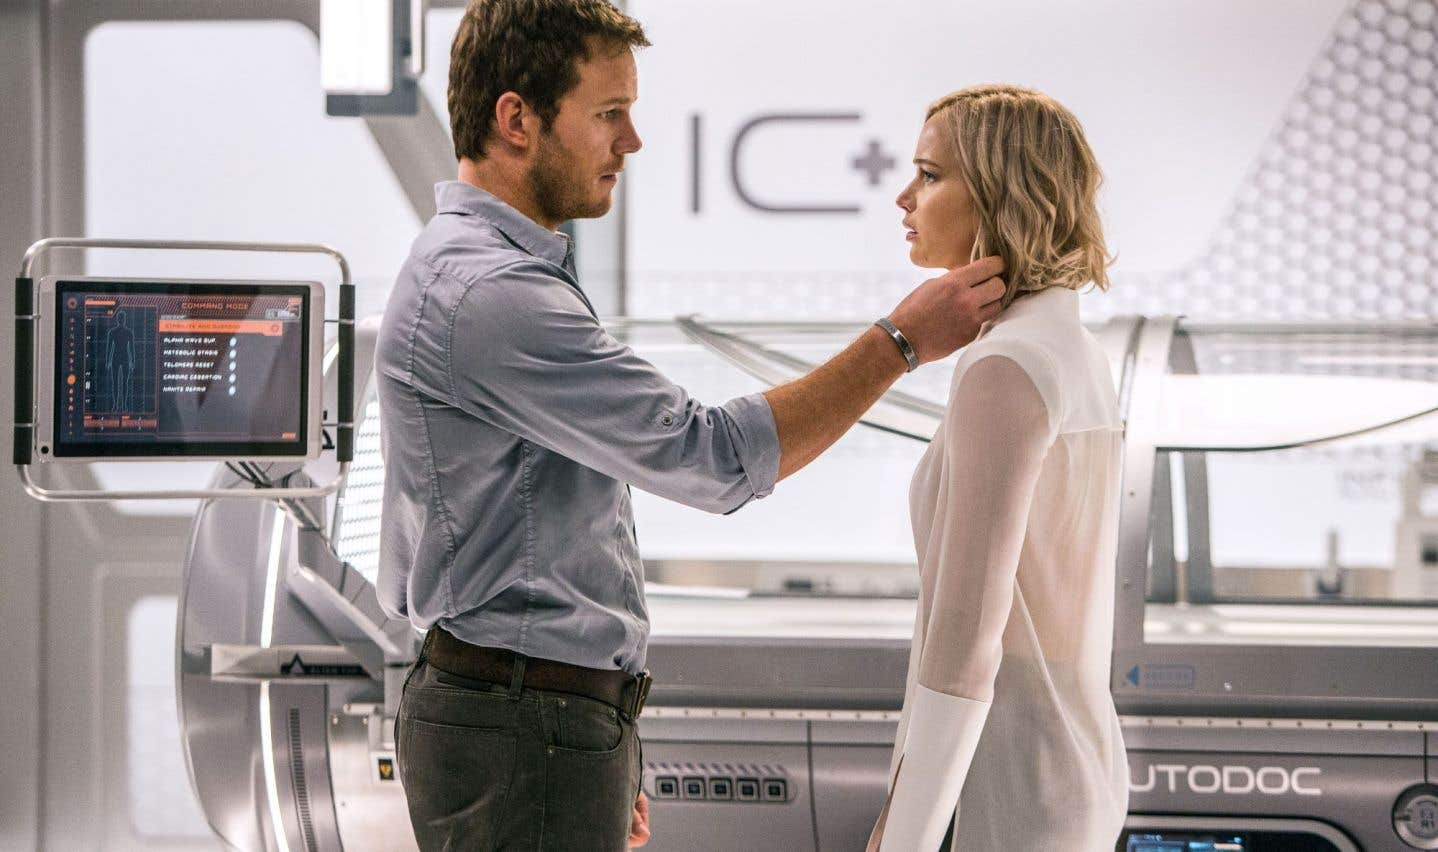 Un soir de déprime, Jim (Chris Pratt) tombe sur sa Belle au bois dormant: Aurora (Jennifer Lawrence).